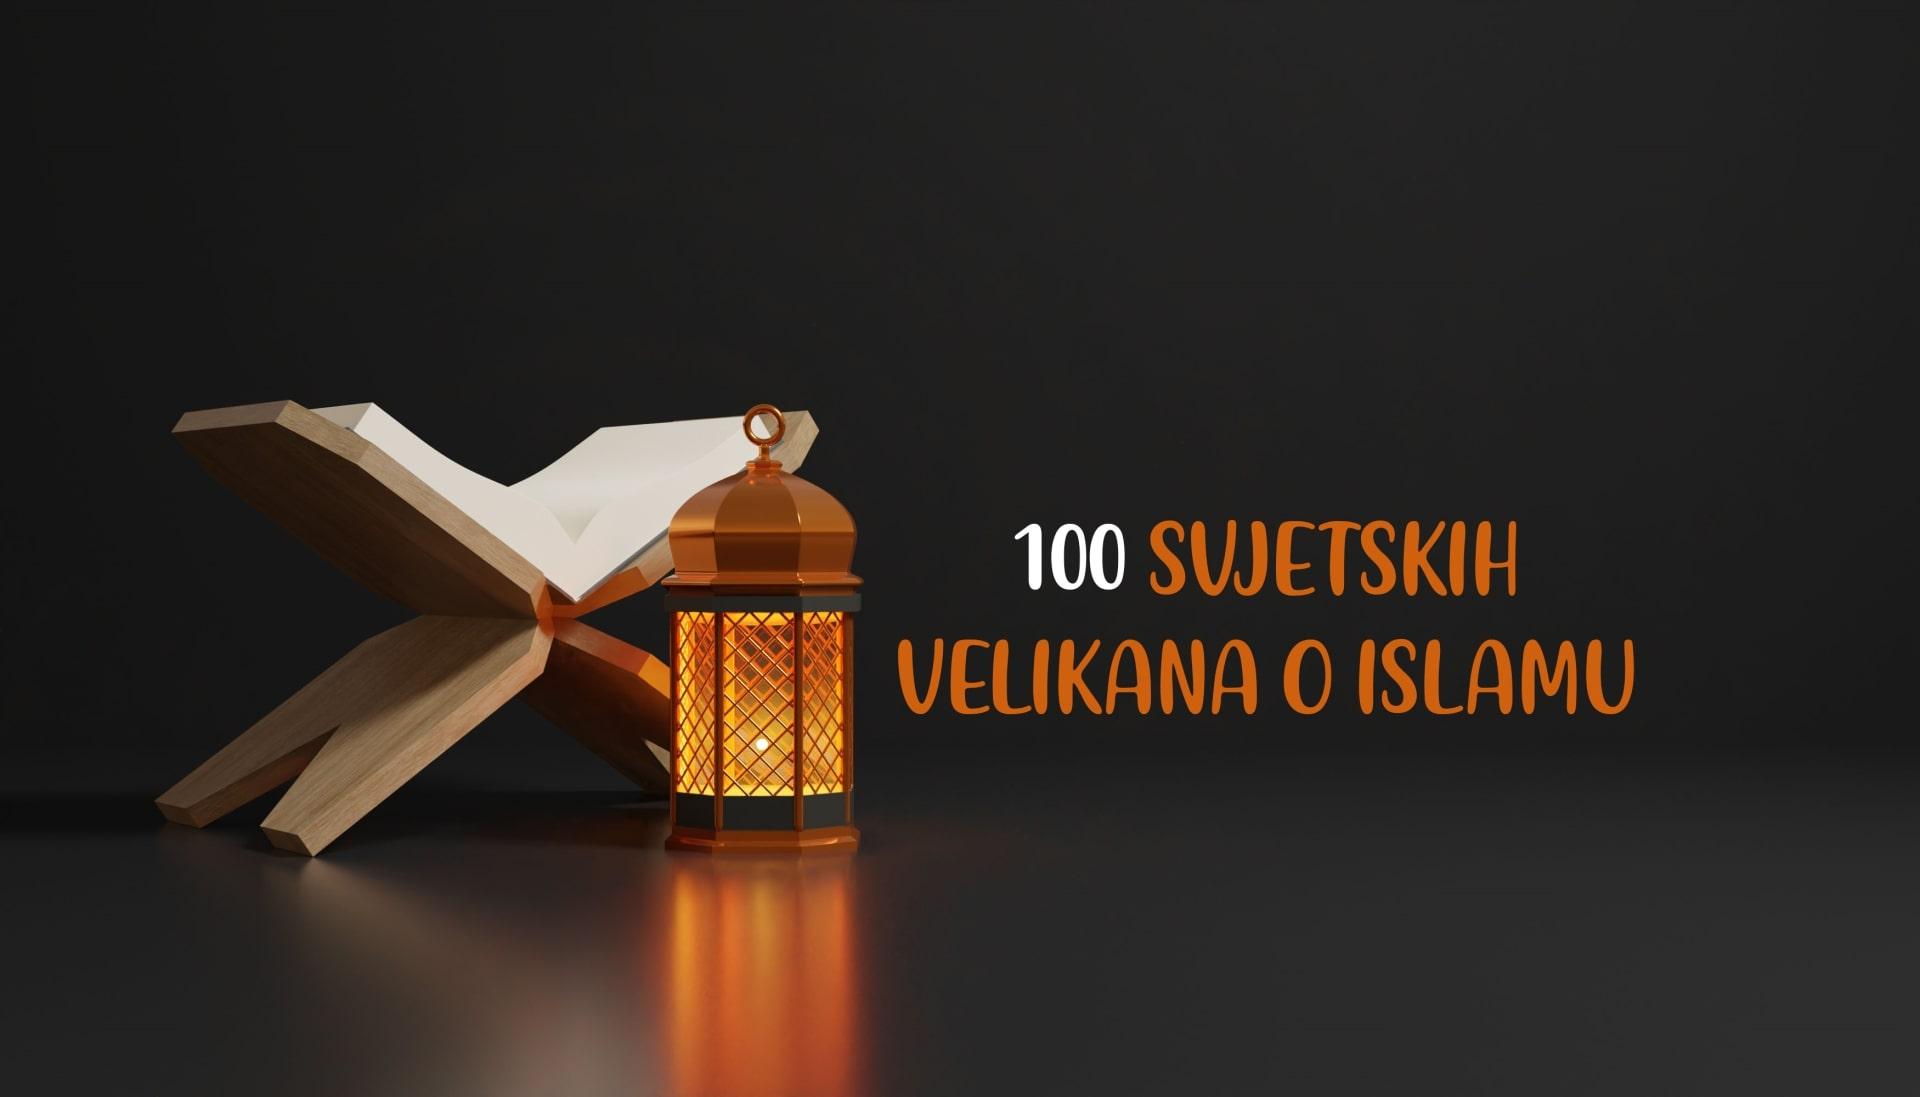 100 svjetskih velikana o islamu – Elezar bin Tsedaka Poučne priče El-Kelimeh Islamska literatura Islamske knjige